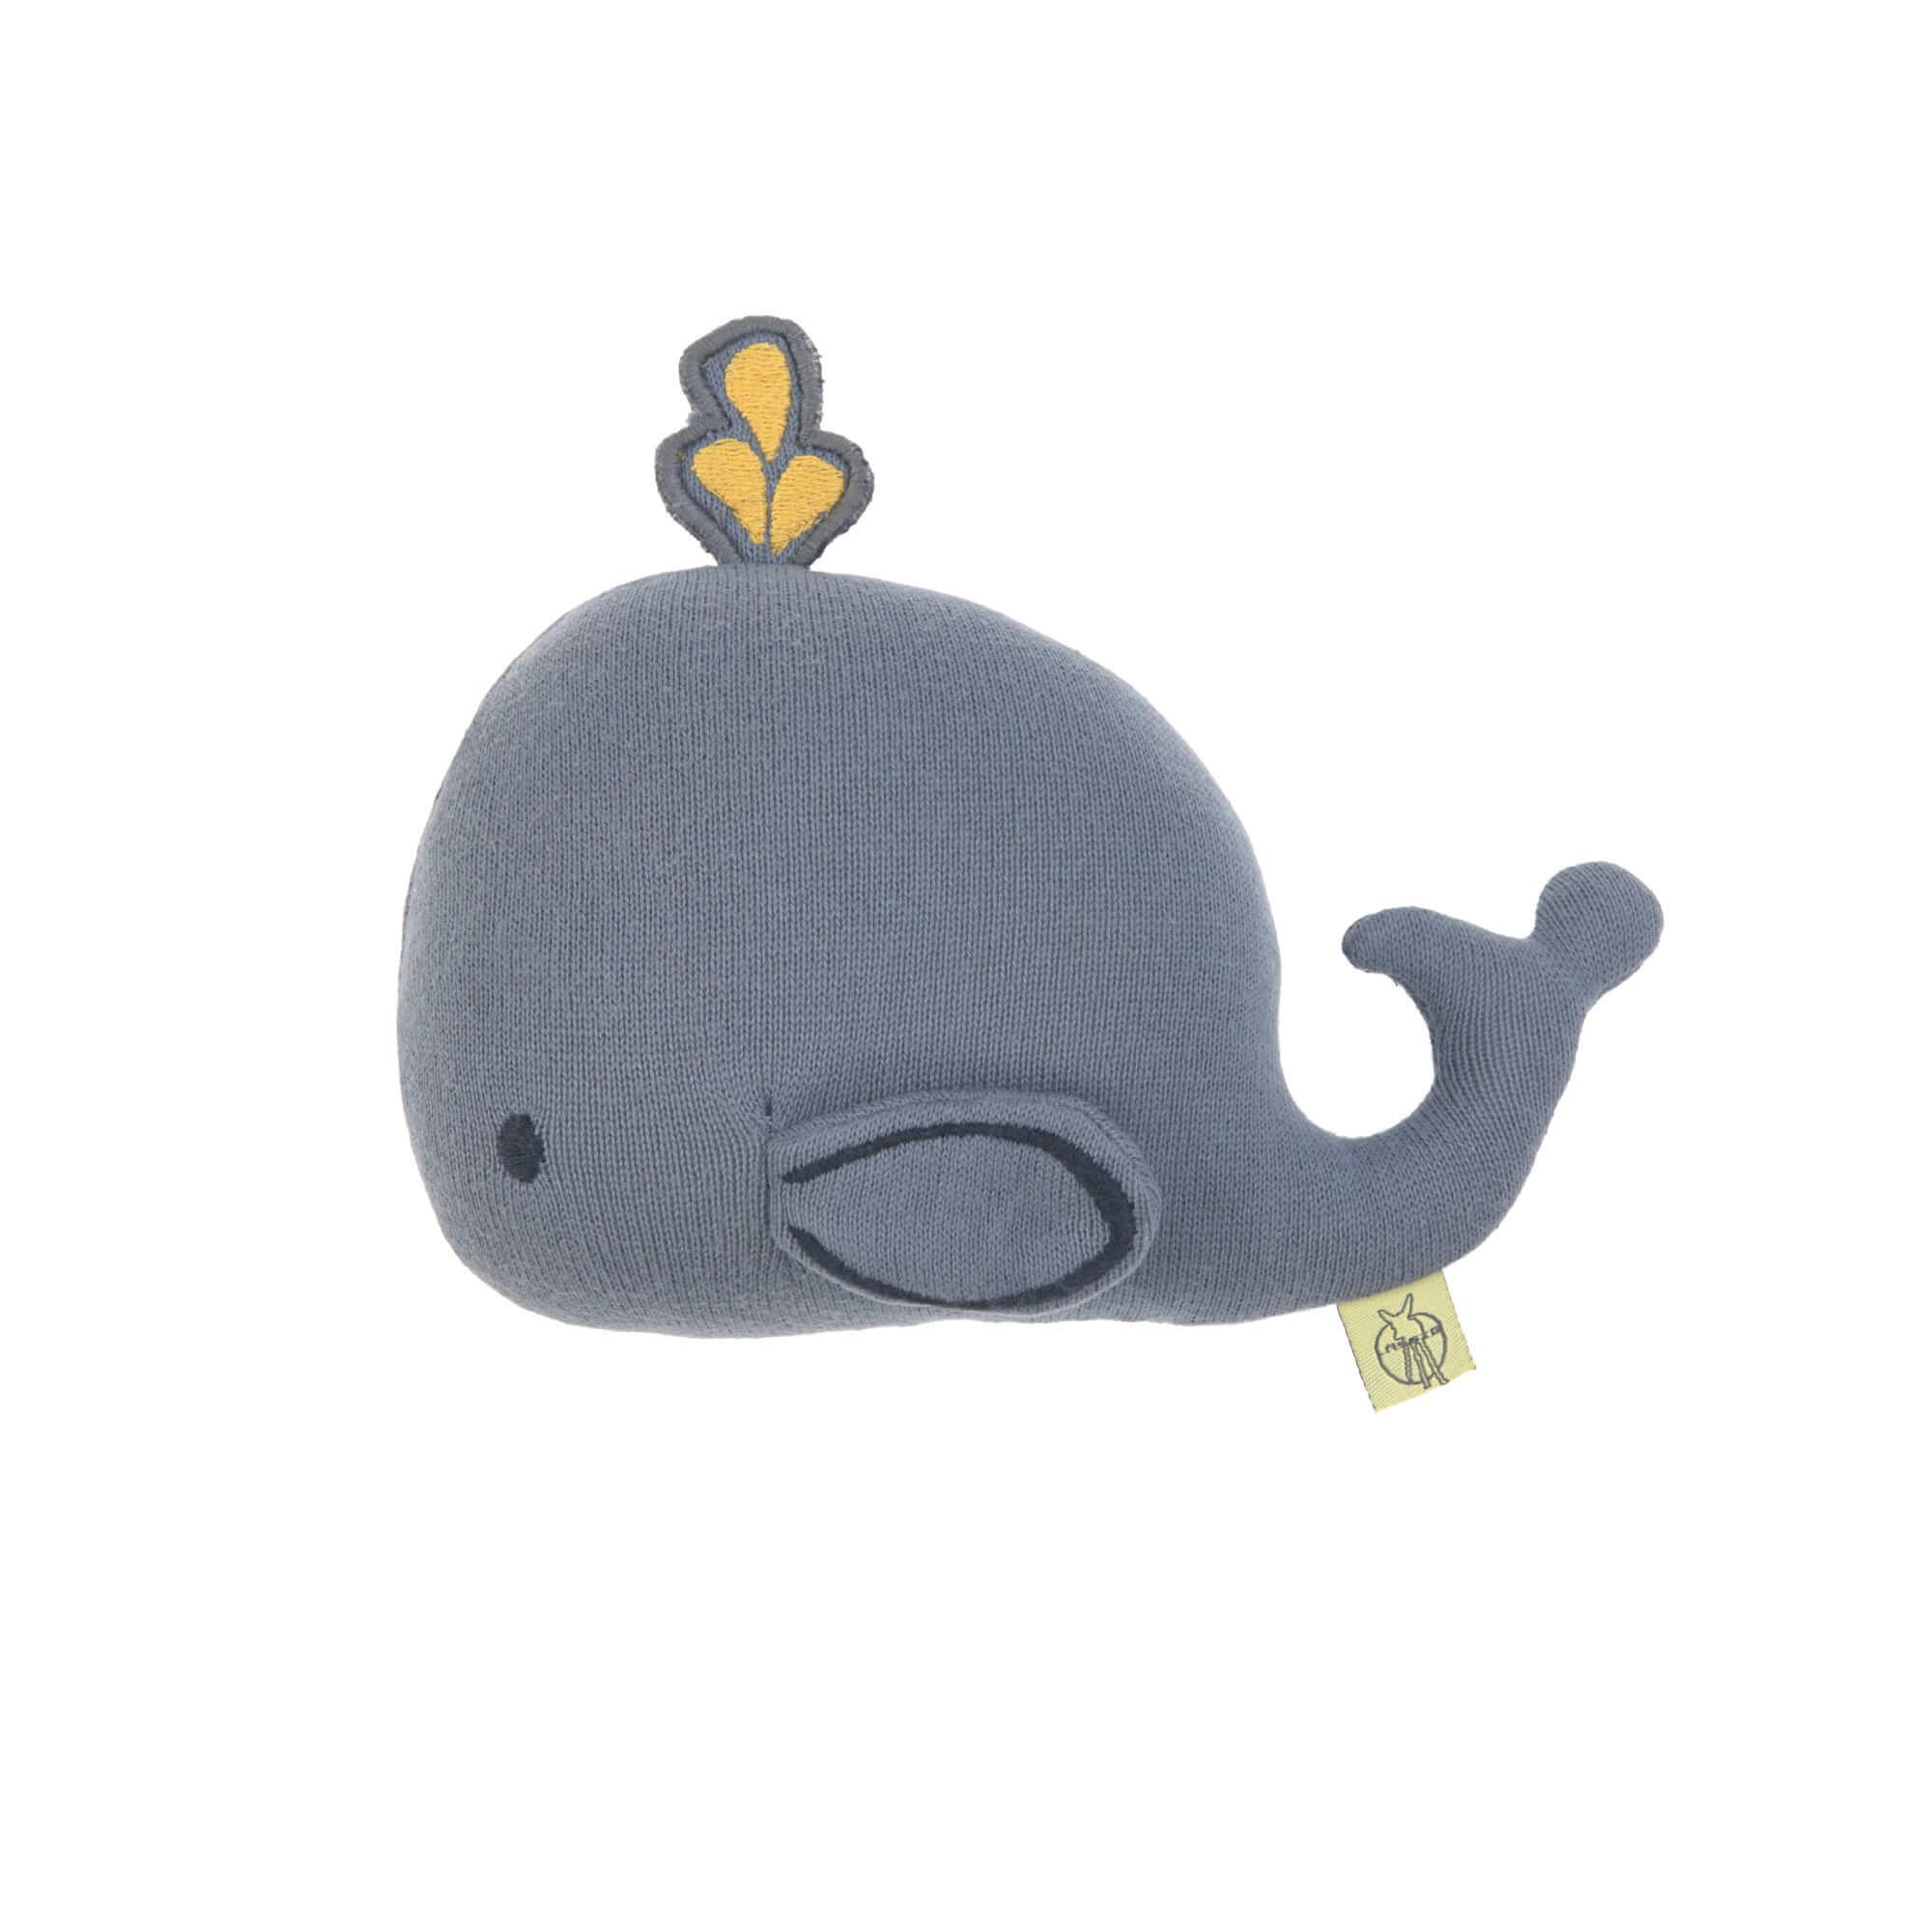 Lässig gebreid speeltje knuffel met rammelaar knetter Little Water Whale